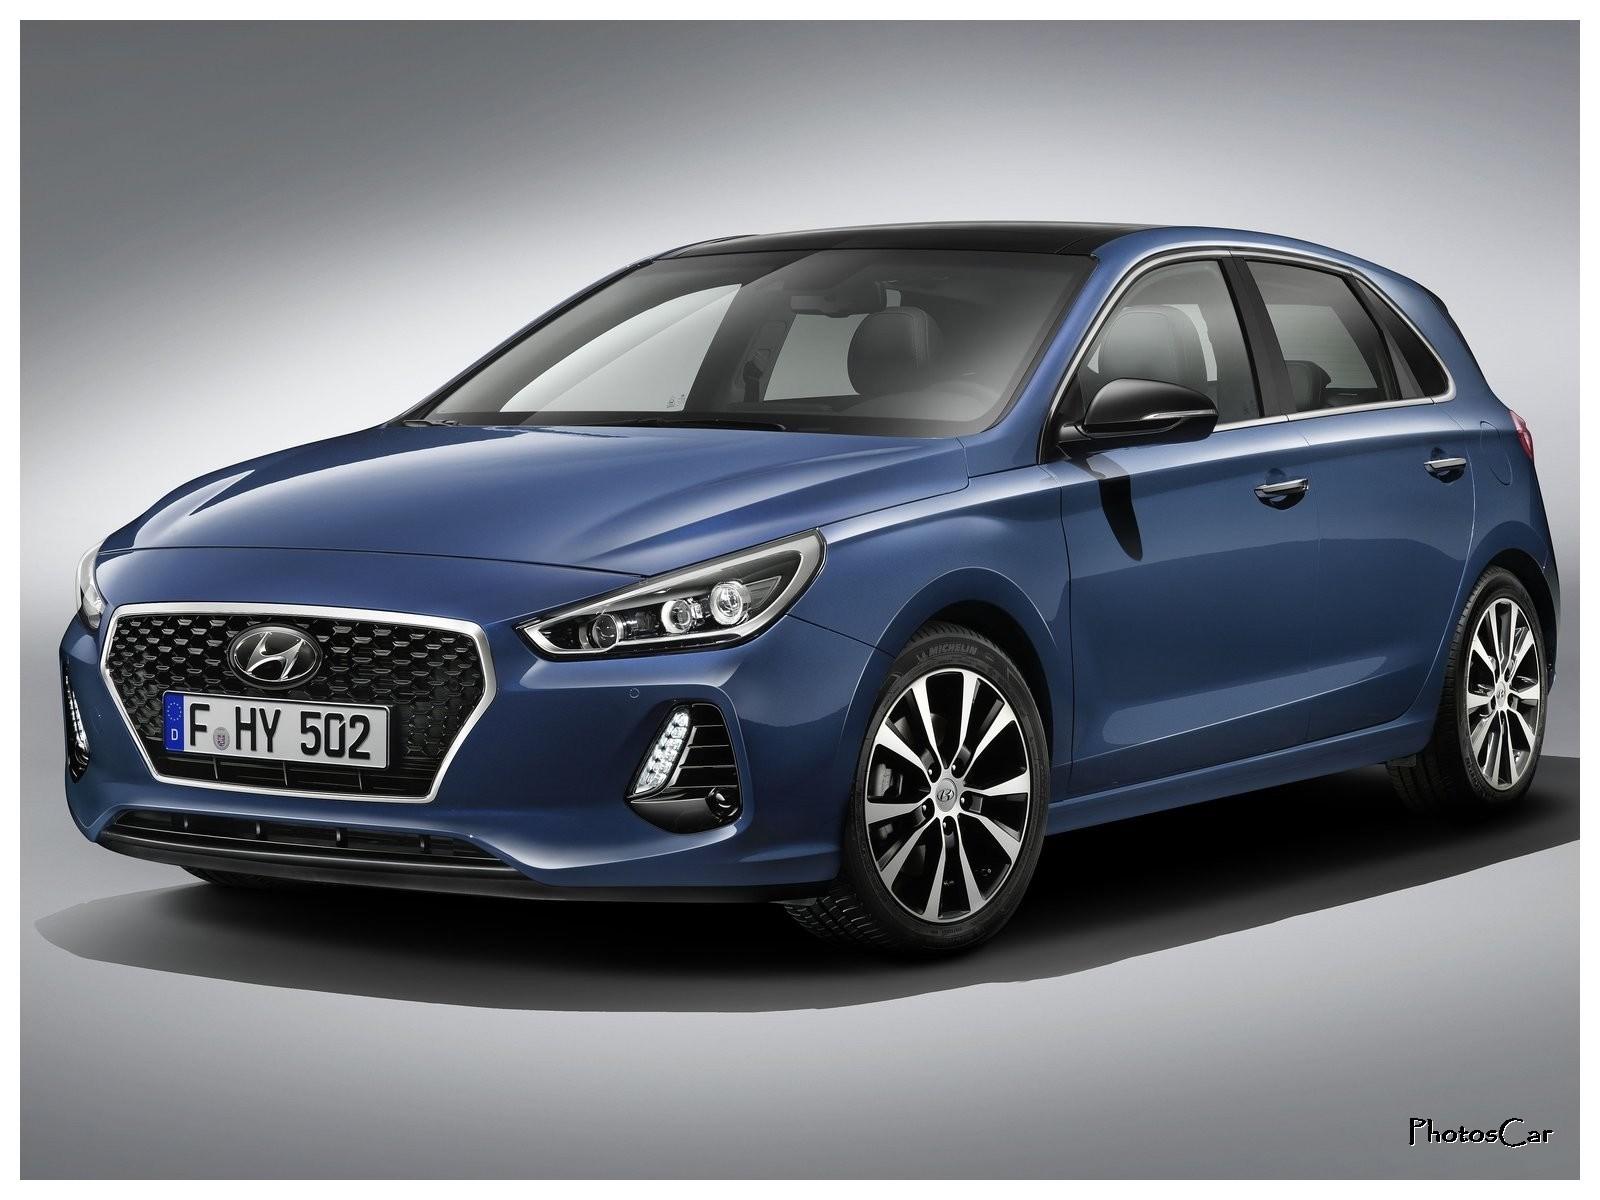 Hyundai i30 2017: La gamme s'articule autour de quatre moteurs.